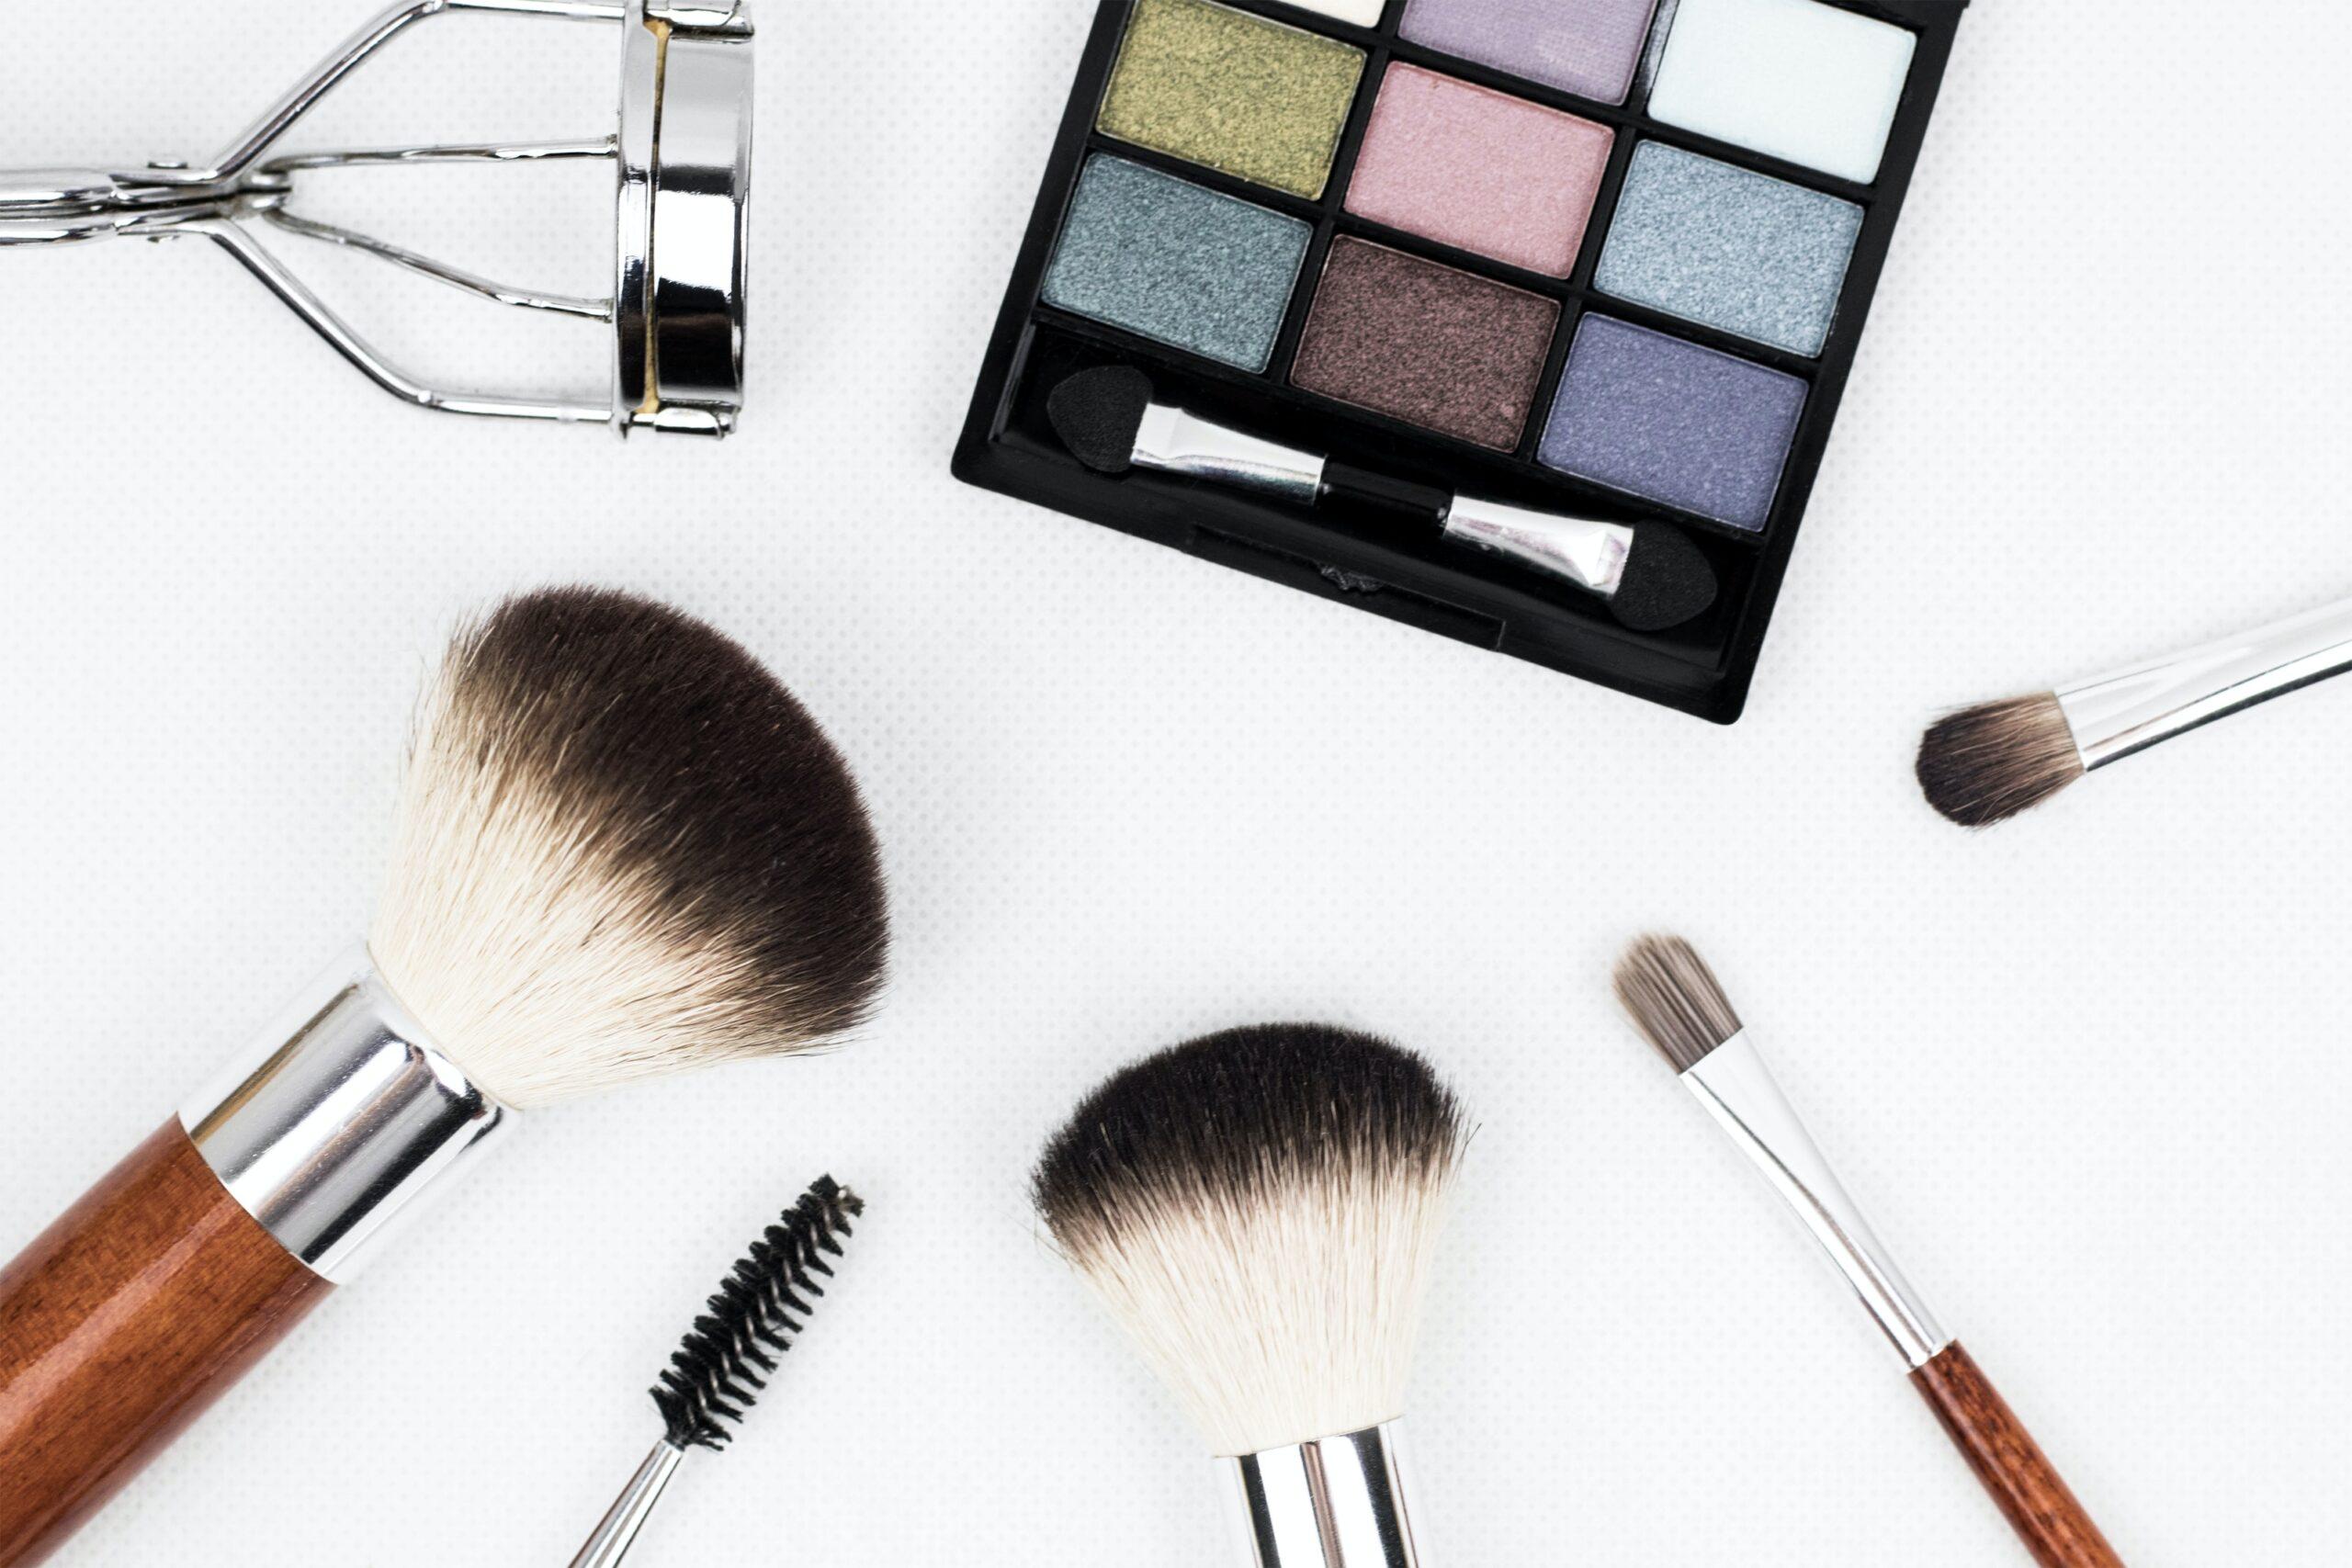 企業による化粧品の動画マーケティング事例